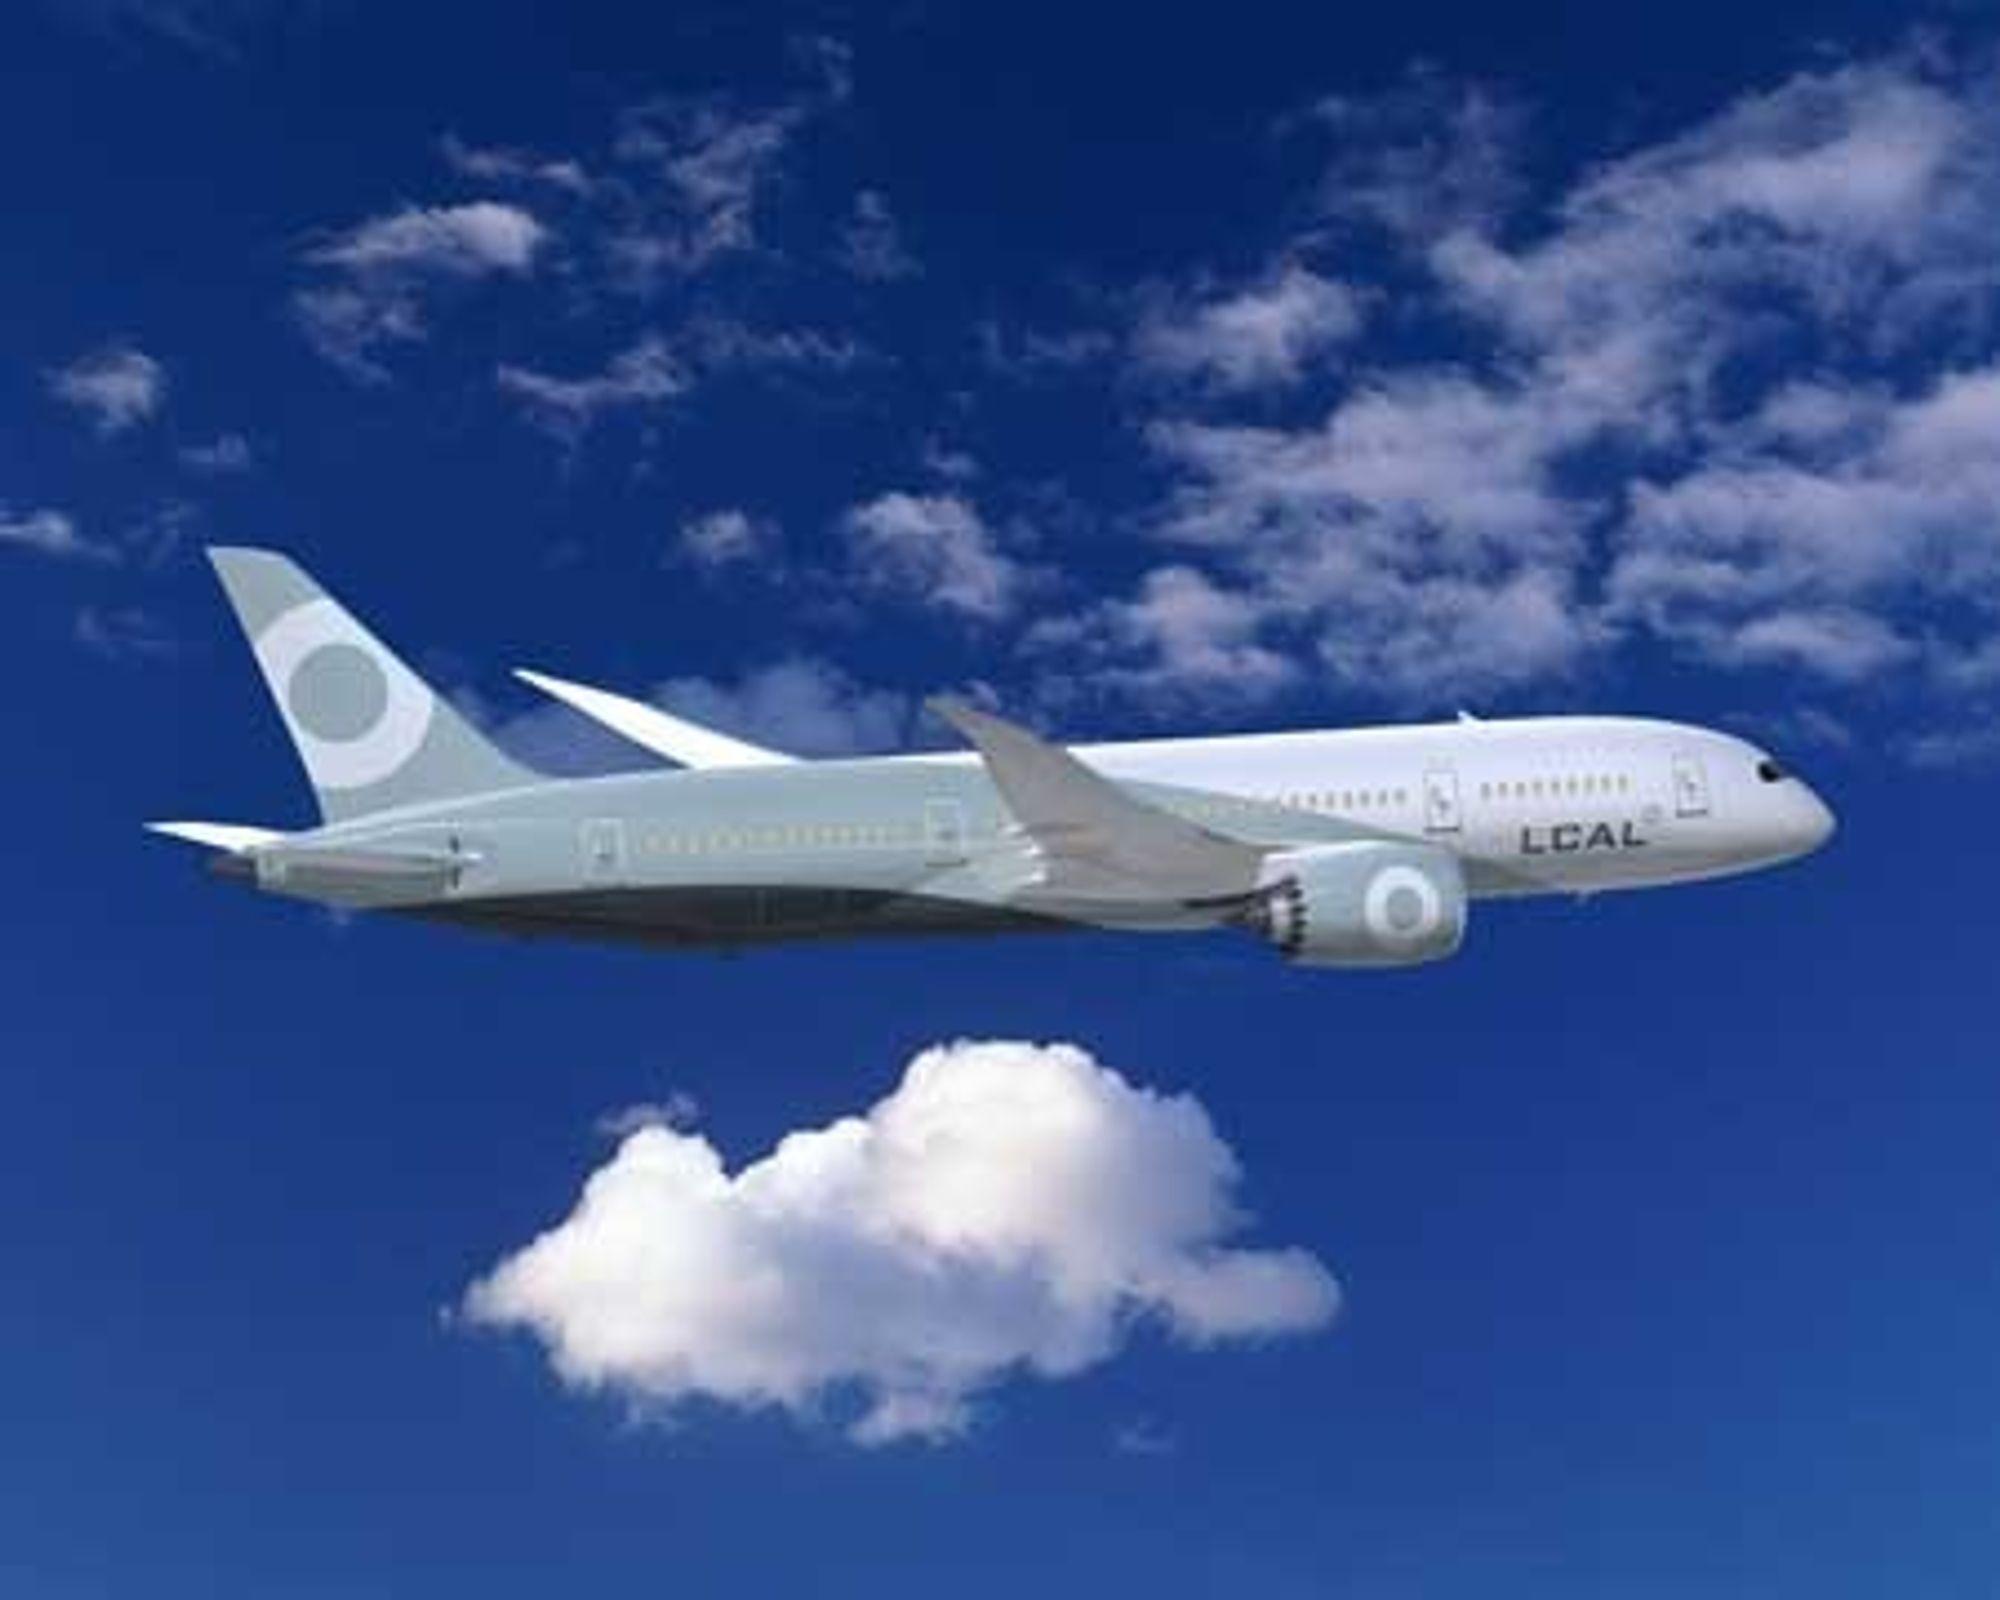 """TAR AV: Nå tar Boeings nye """"plastmaskin"""" 787 Dreamliner av for fullt. De første flyene vil være i lufta fra 2010 og en rekke flyselskap har meldt interesse for langdistansemaskinen som tar 250 passasjerer."""